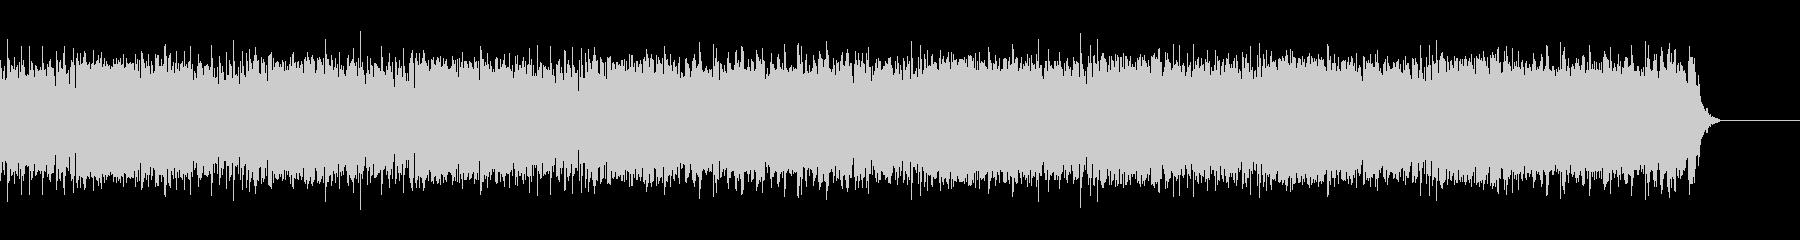 ほのぼのとした弦楽器主体のBGMの未再生の波形